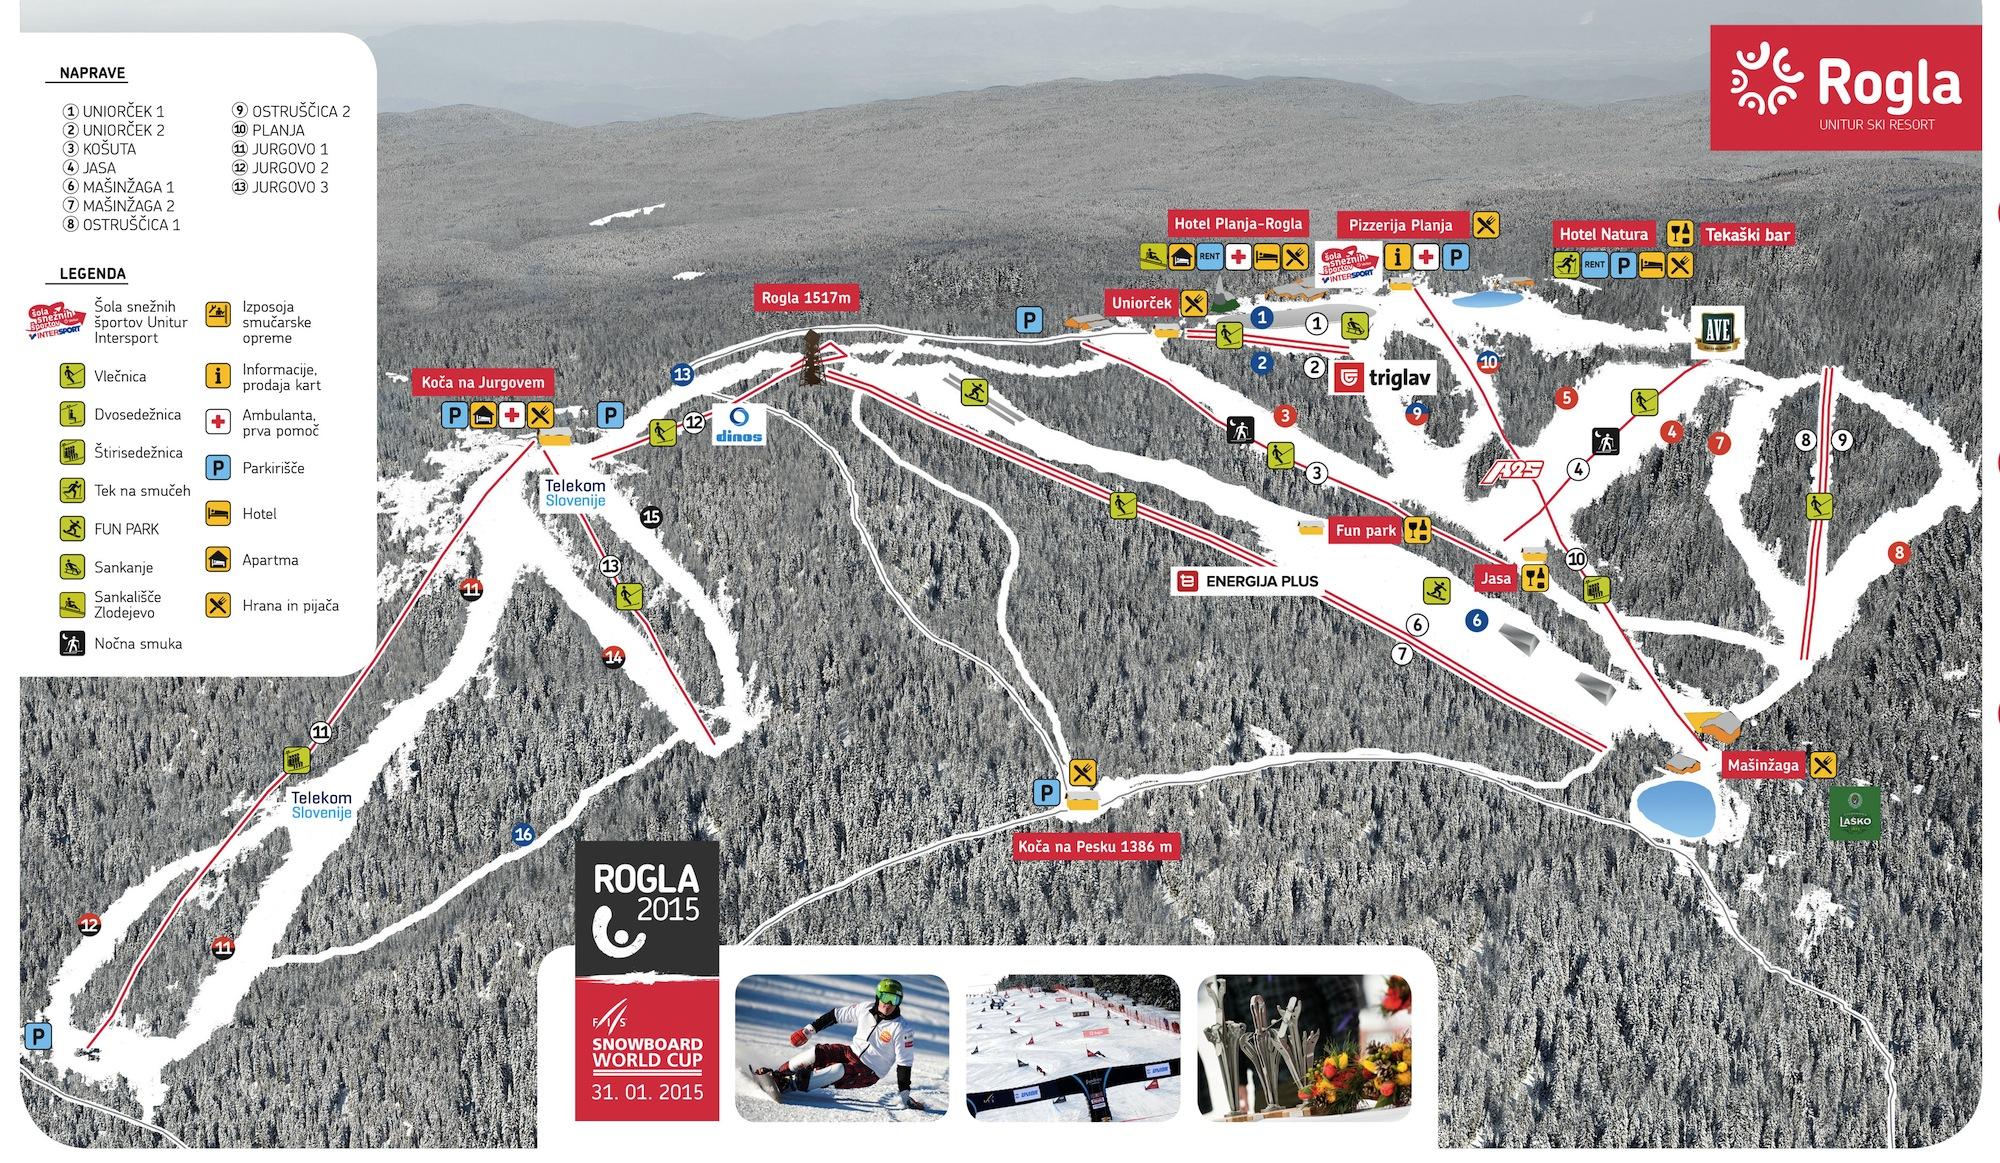 Rogla Piste / Trail Map